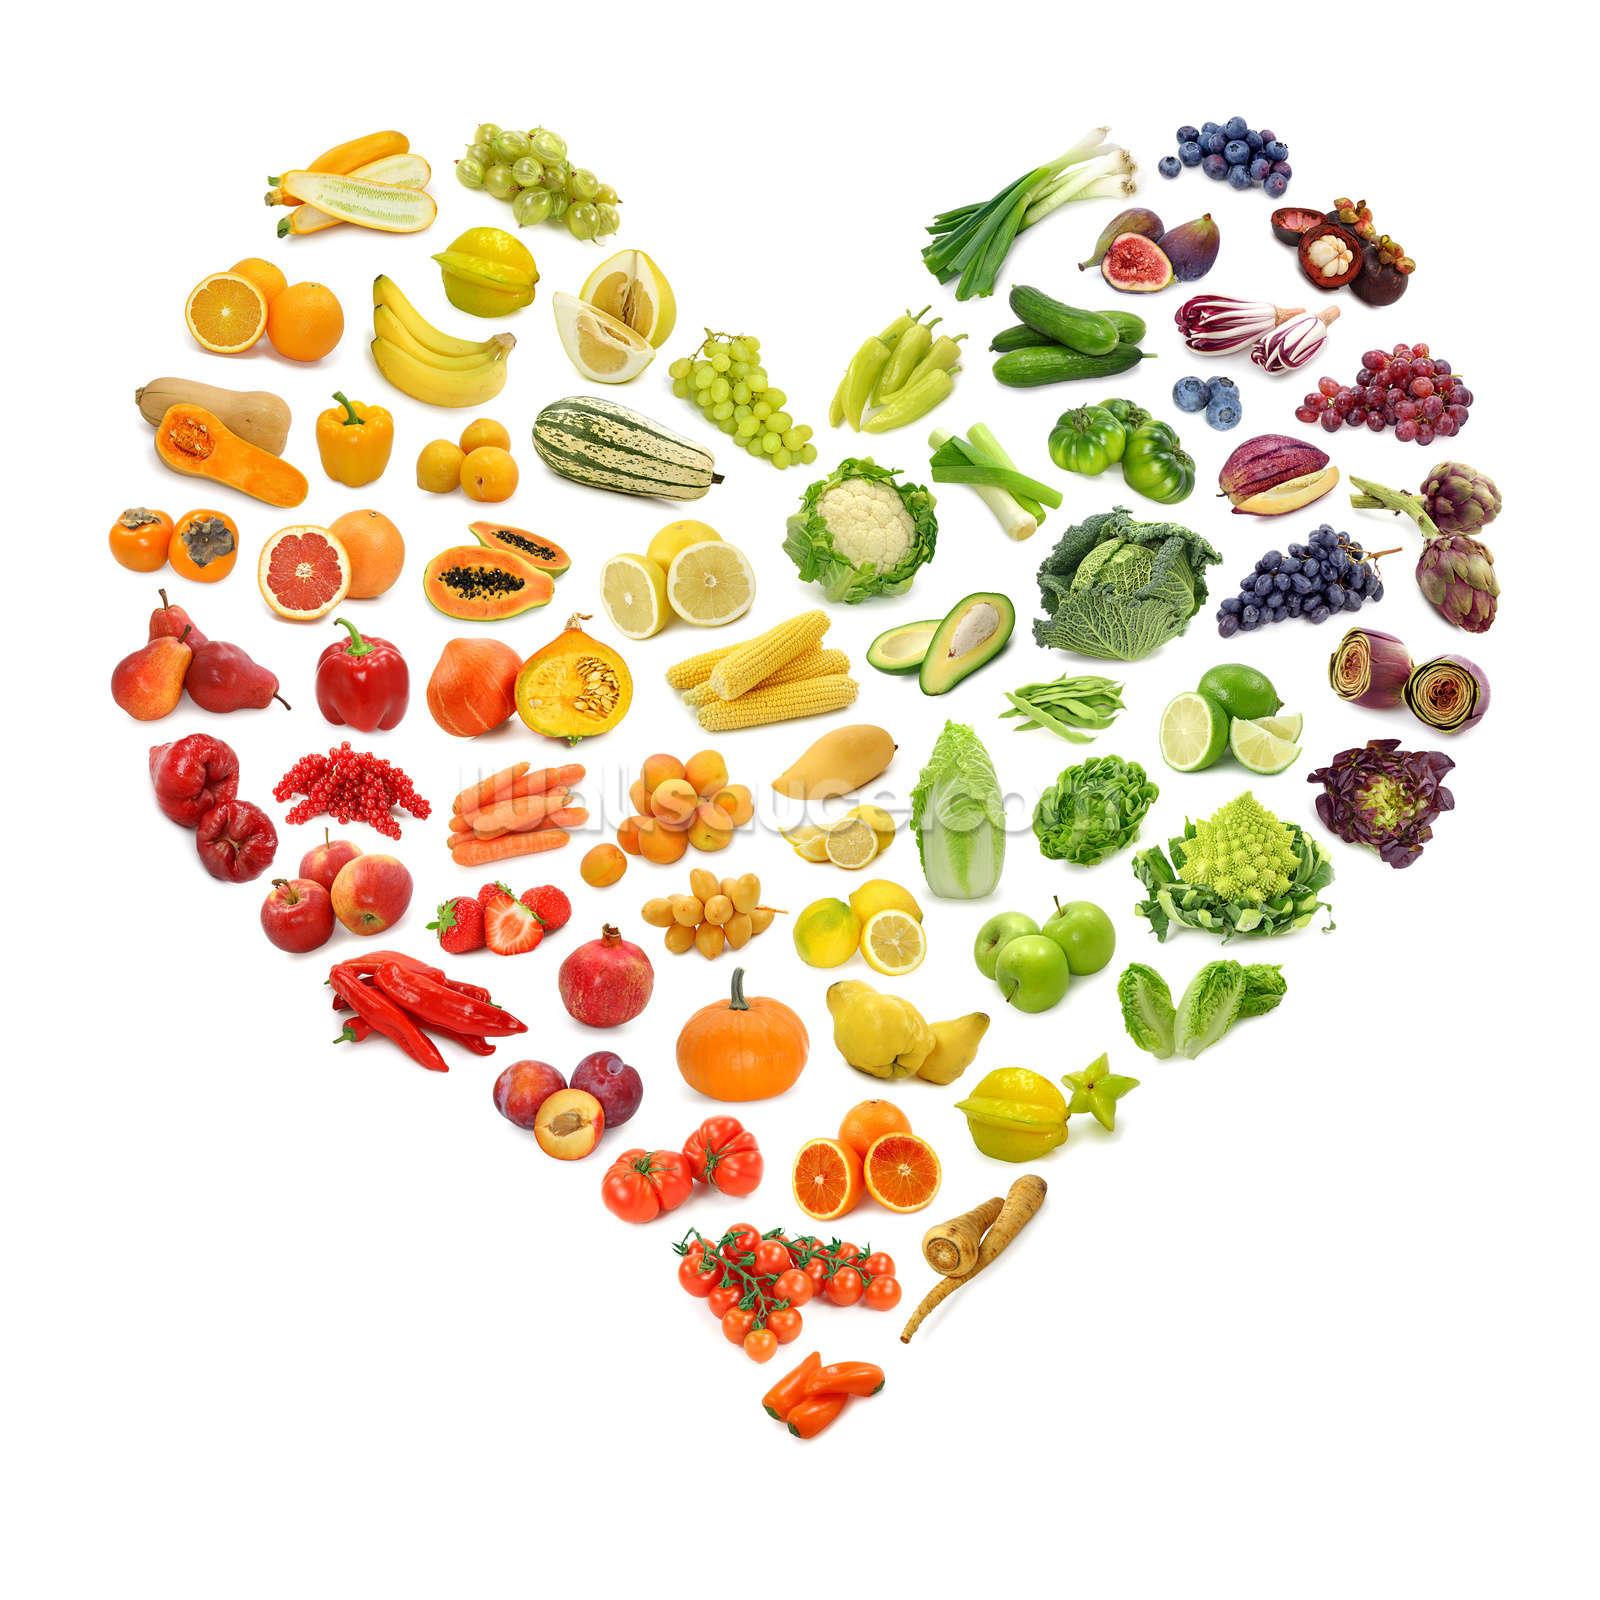 heart shape of fruits and veg wallpaper wall mural wallsauce